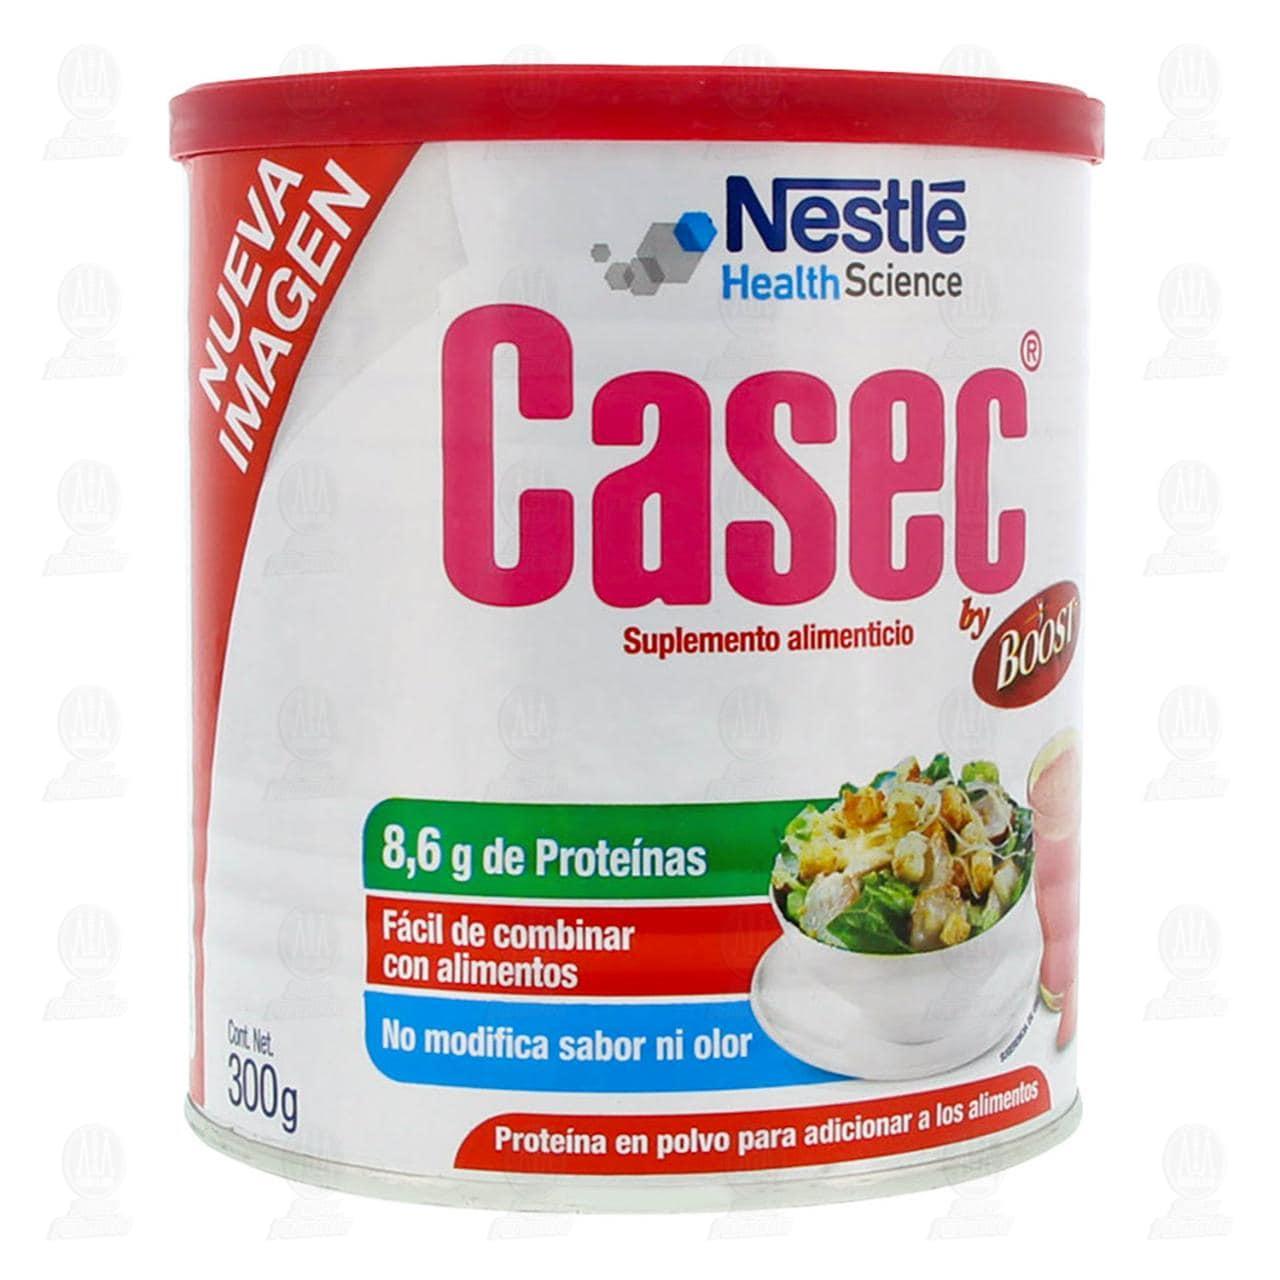 Comprar Proteína en Polvo Nestlé Health Science Casec by Boost 300gr en Farmacias Guadalajara